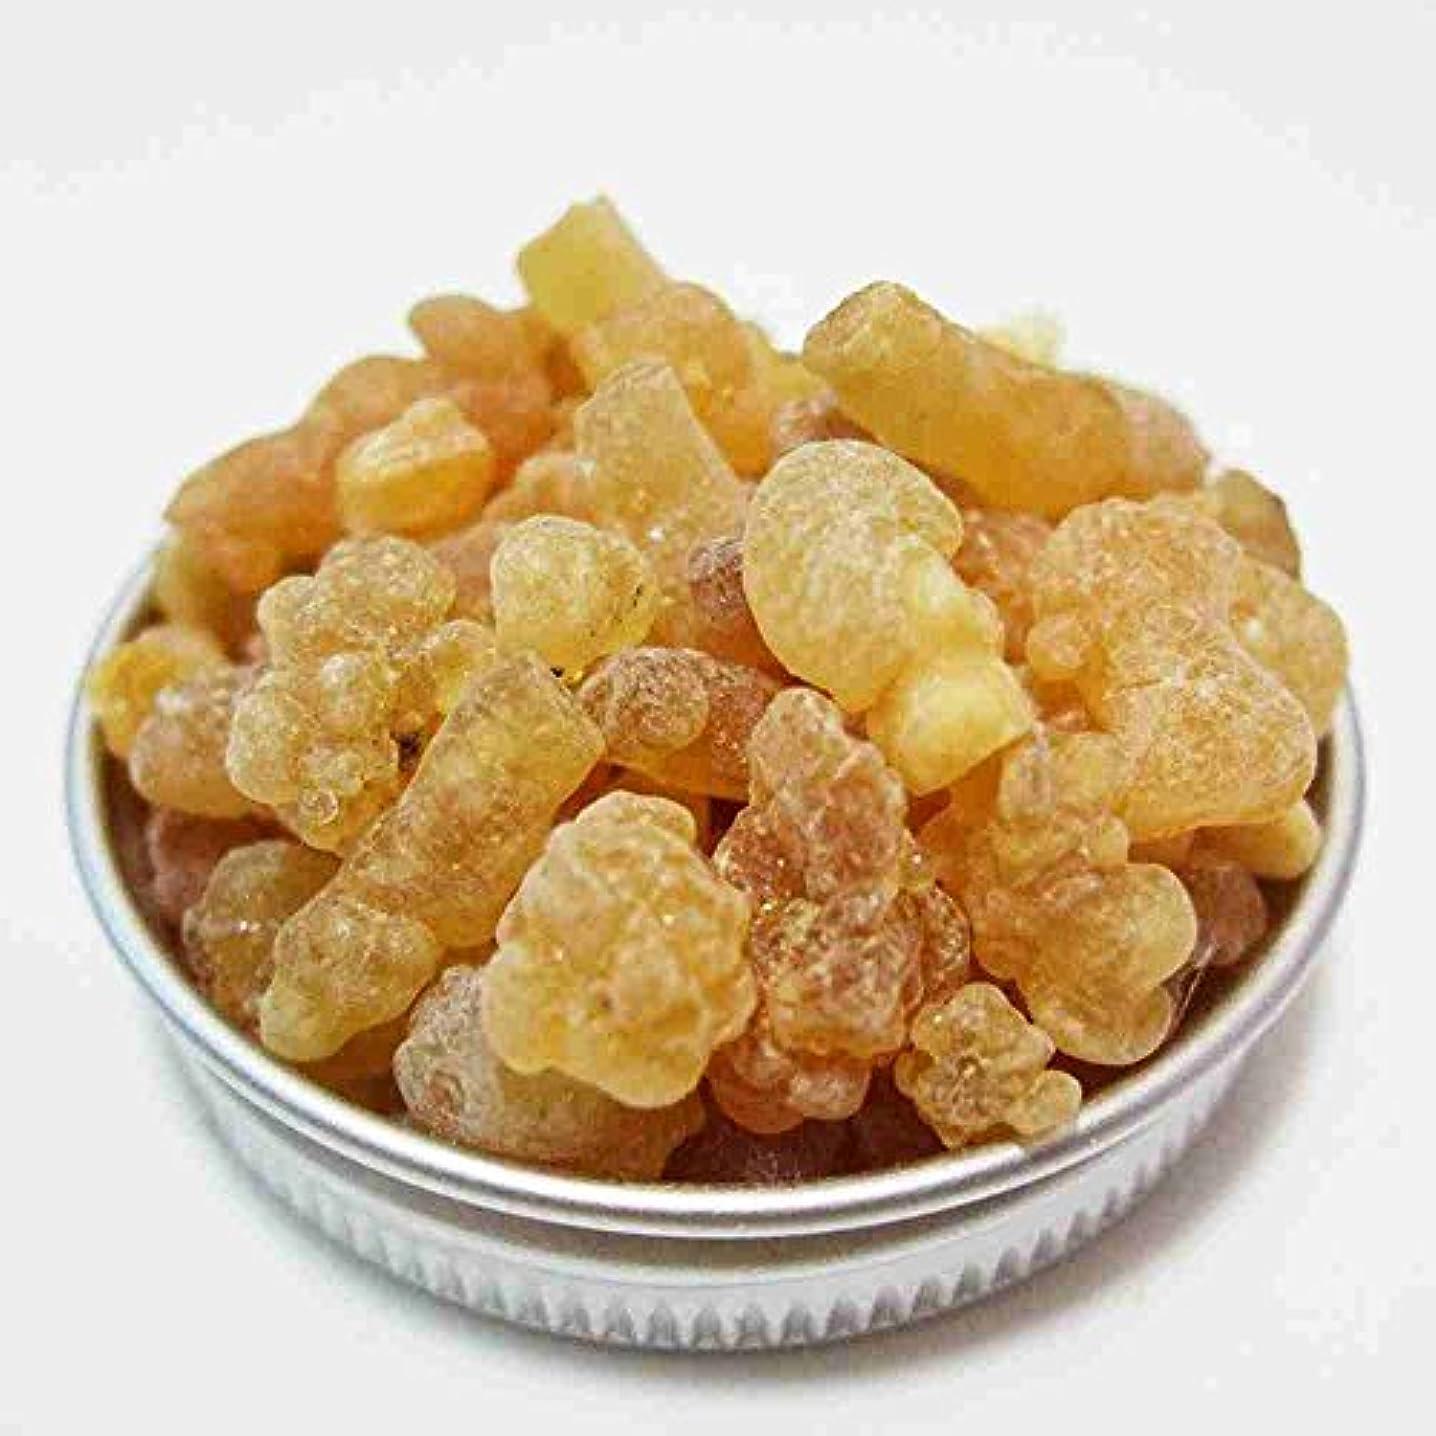 フランキンセンス Frsnkincense (乳香) 天然樹脂香 フランキンセンス(乳香), 1 Ounce (28 g)